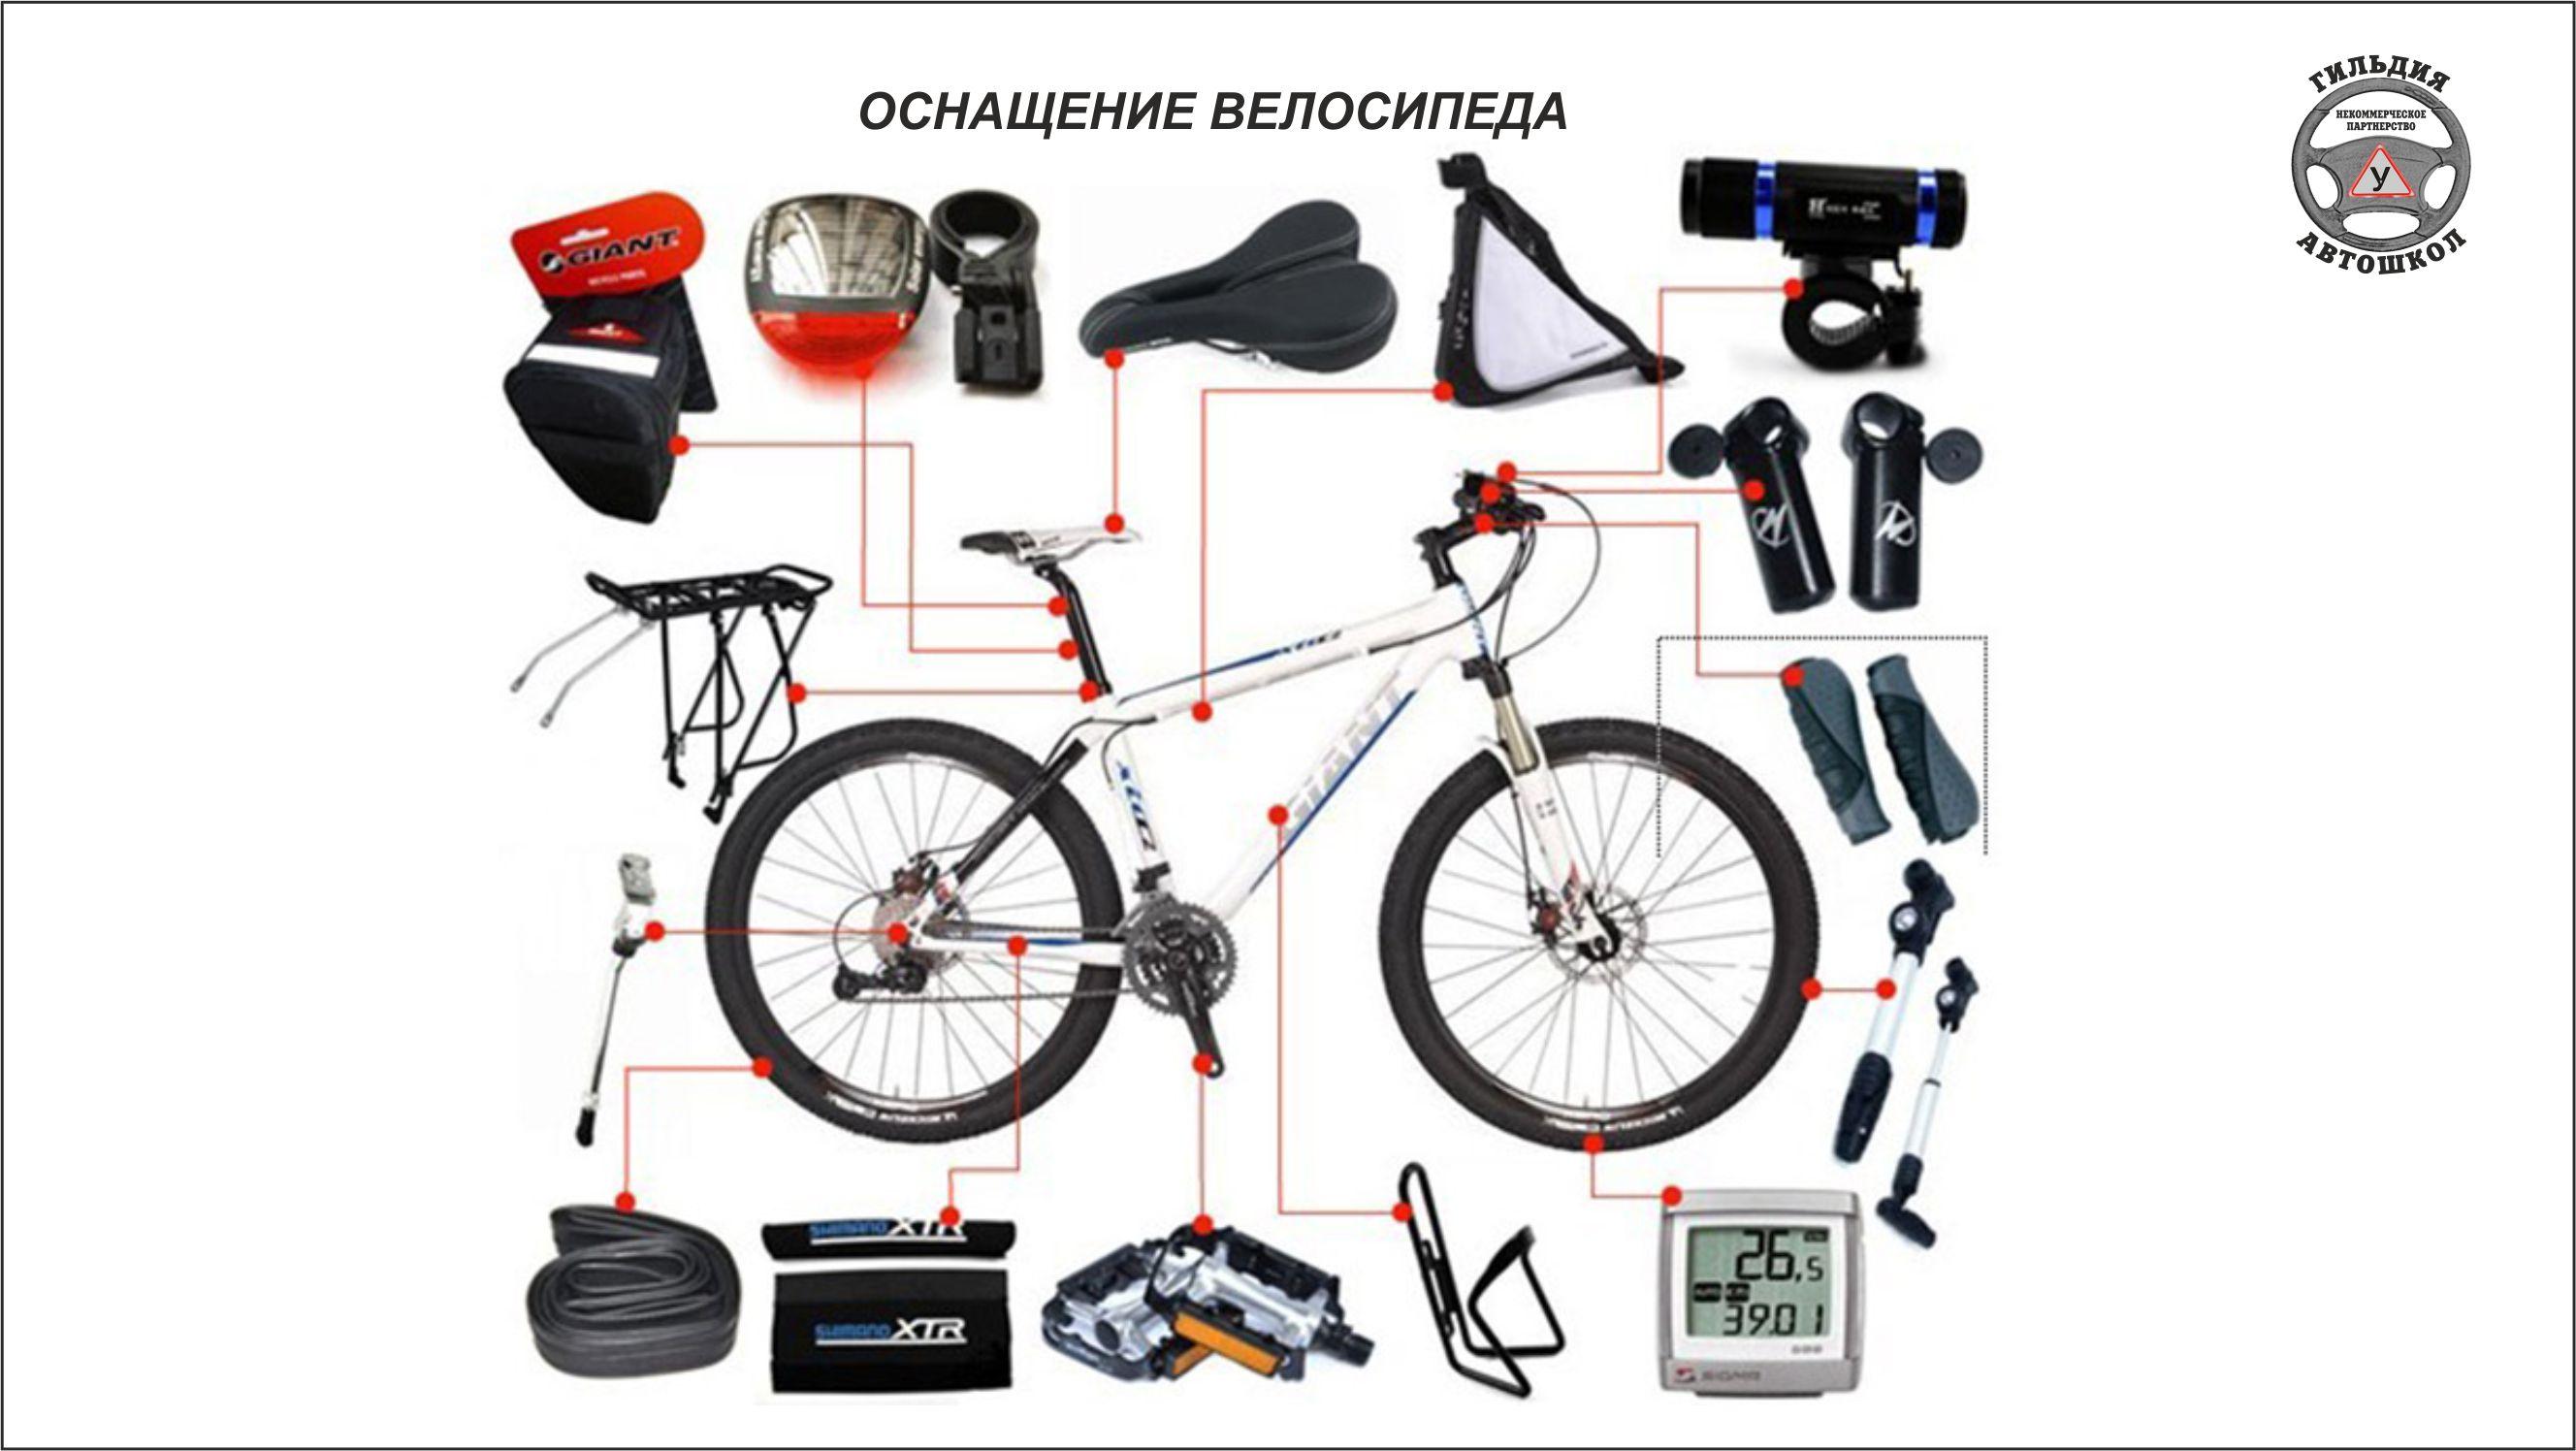 Какой насос купить для велосипеда | сайт котовского